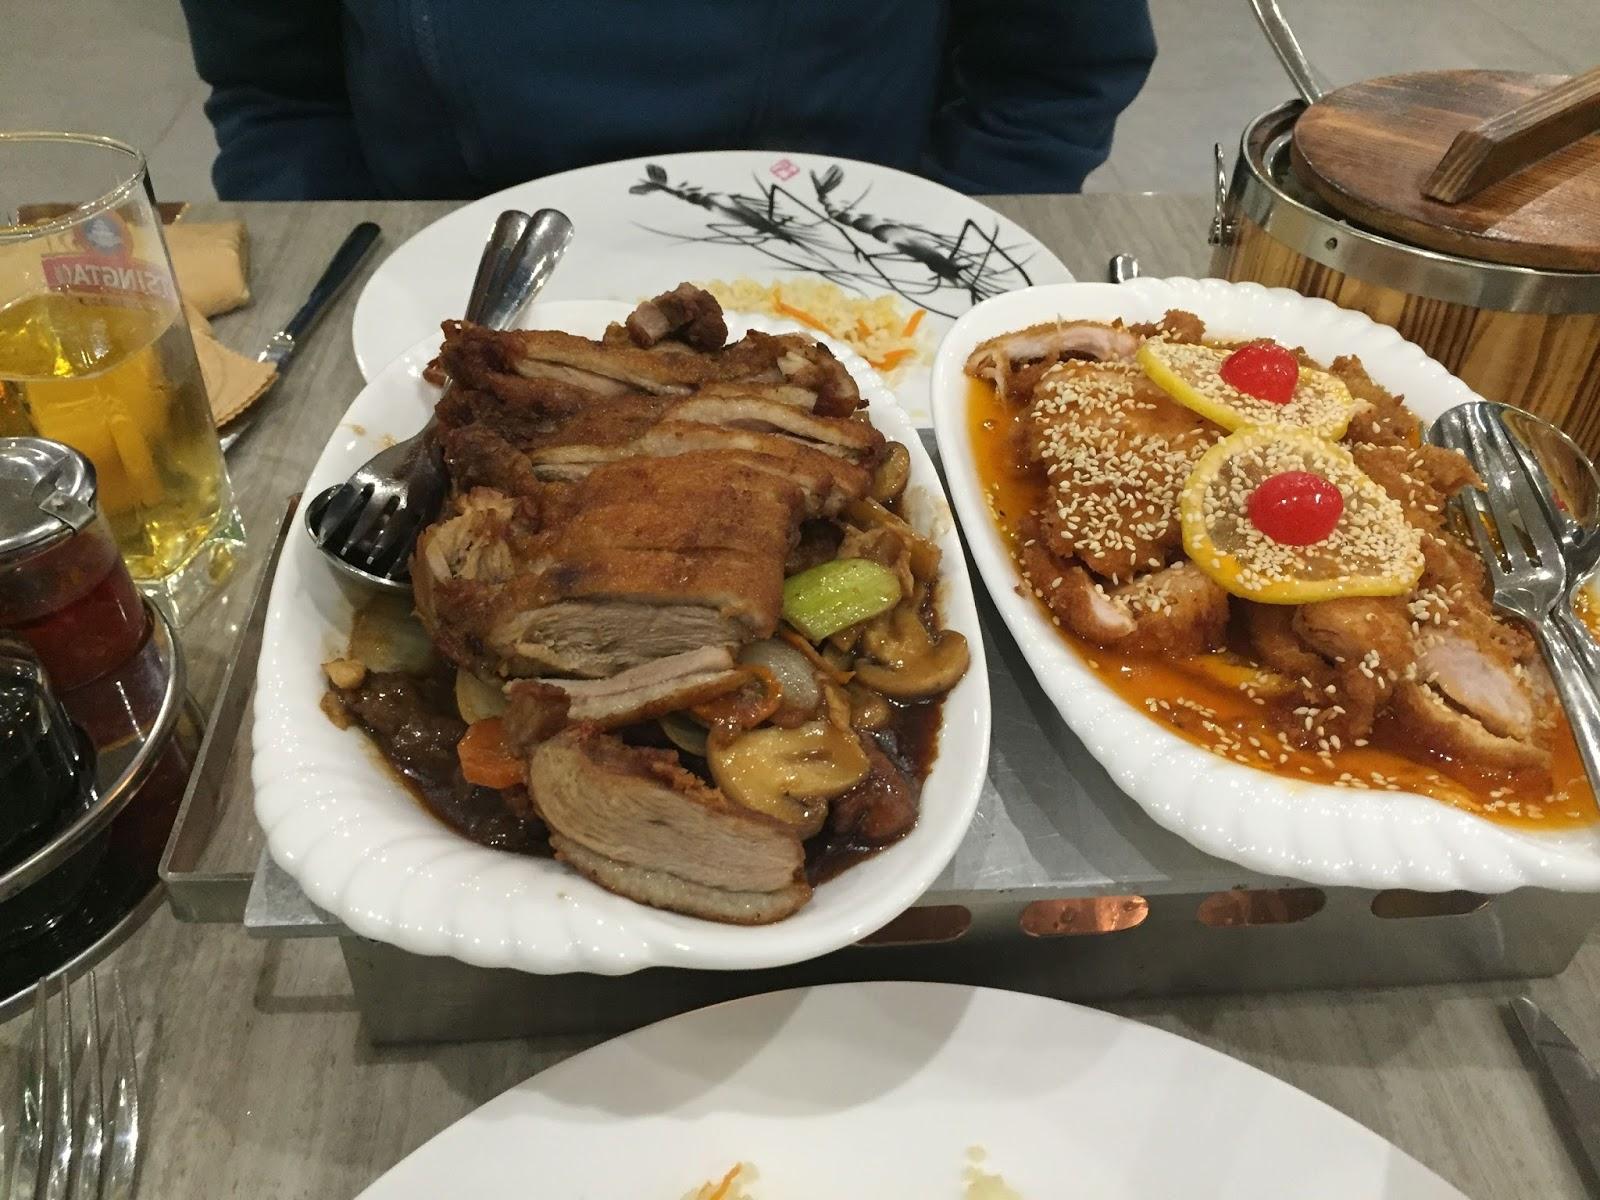 Meilleur Restaurant Asiatique A Volont Ef Bf Bd Tours